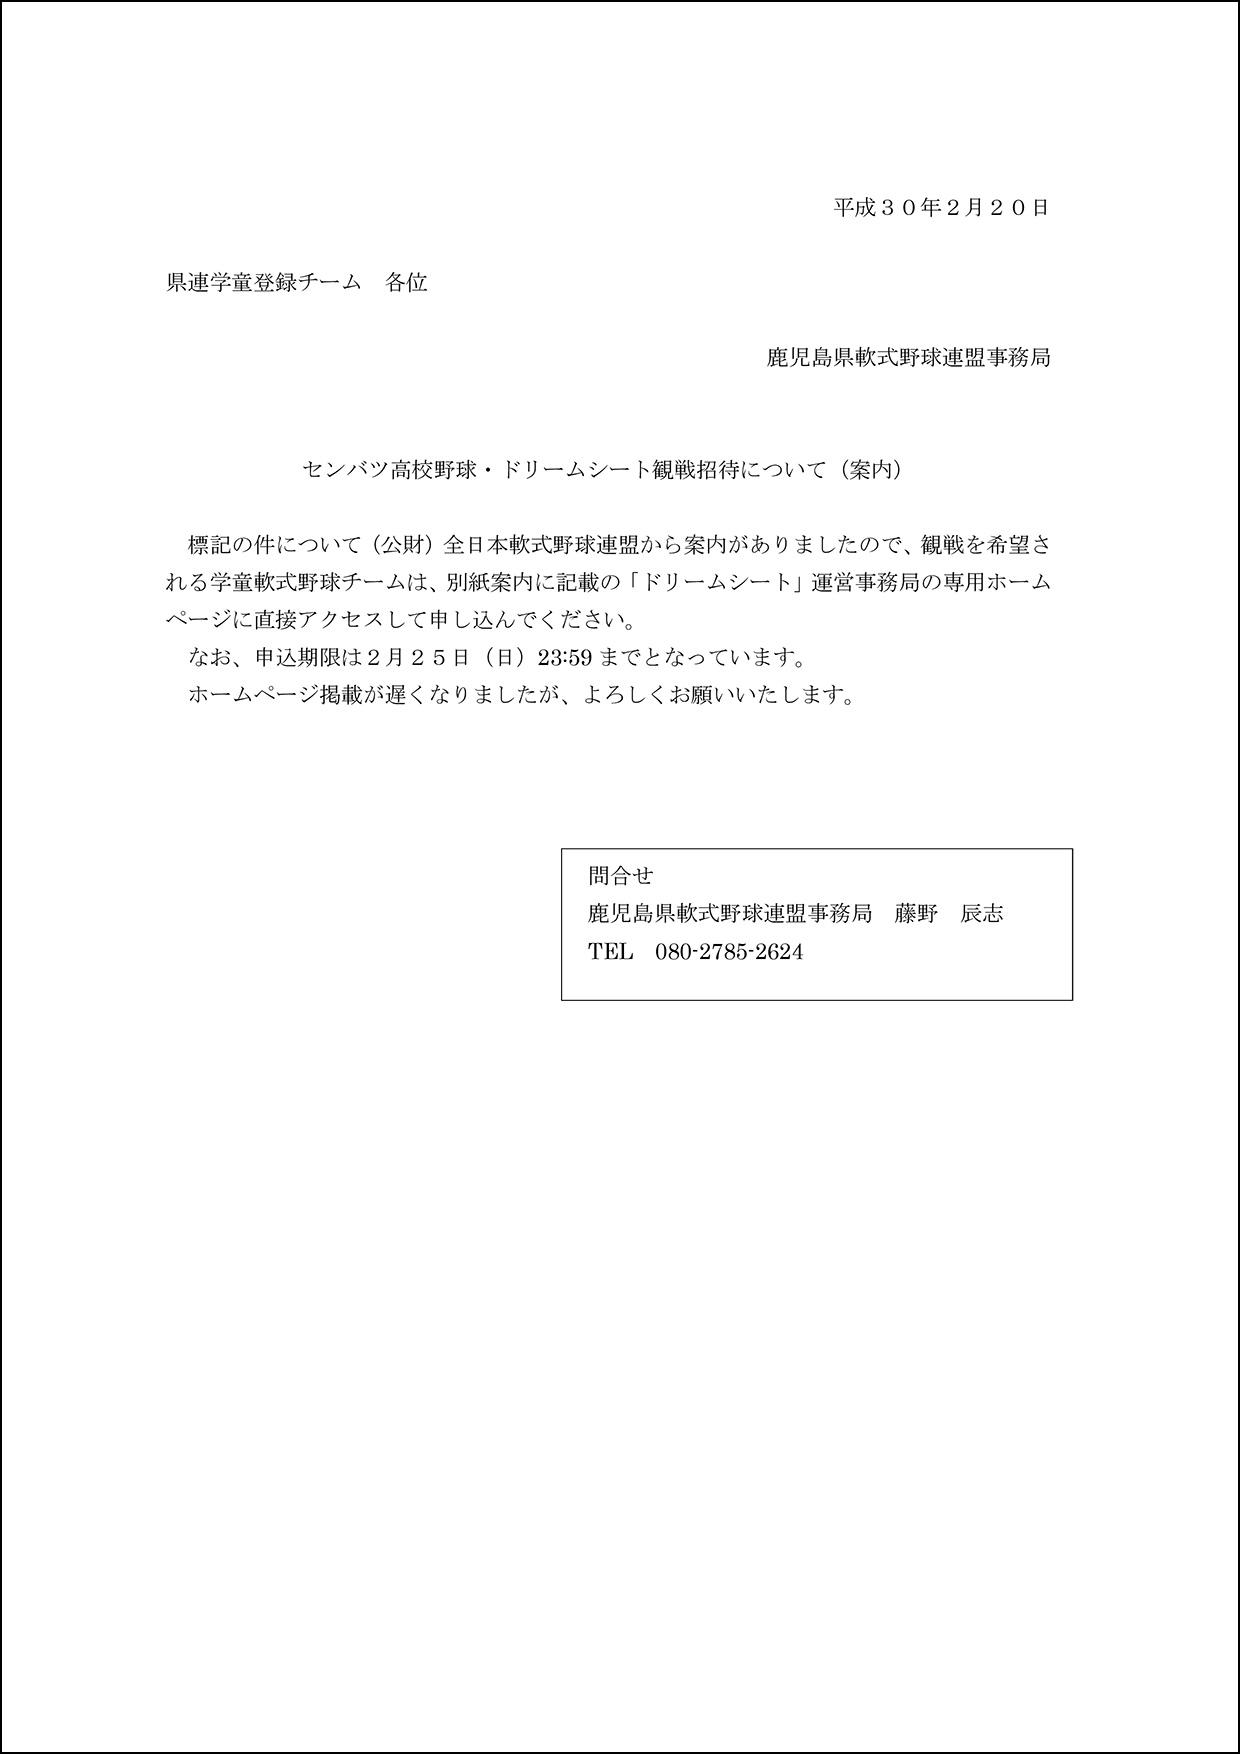 センバツ高校野球・ドリームシート観戦招待について(案内)